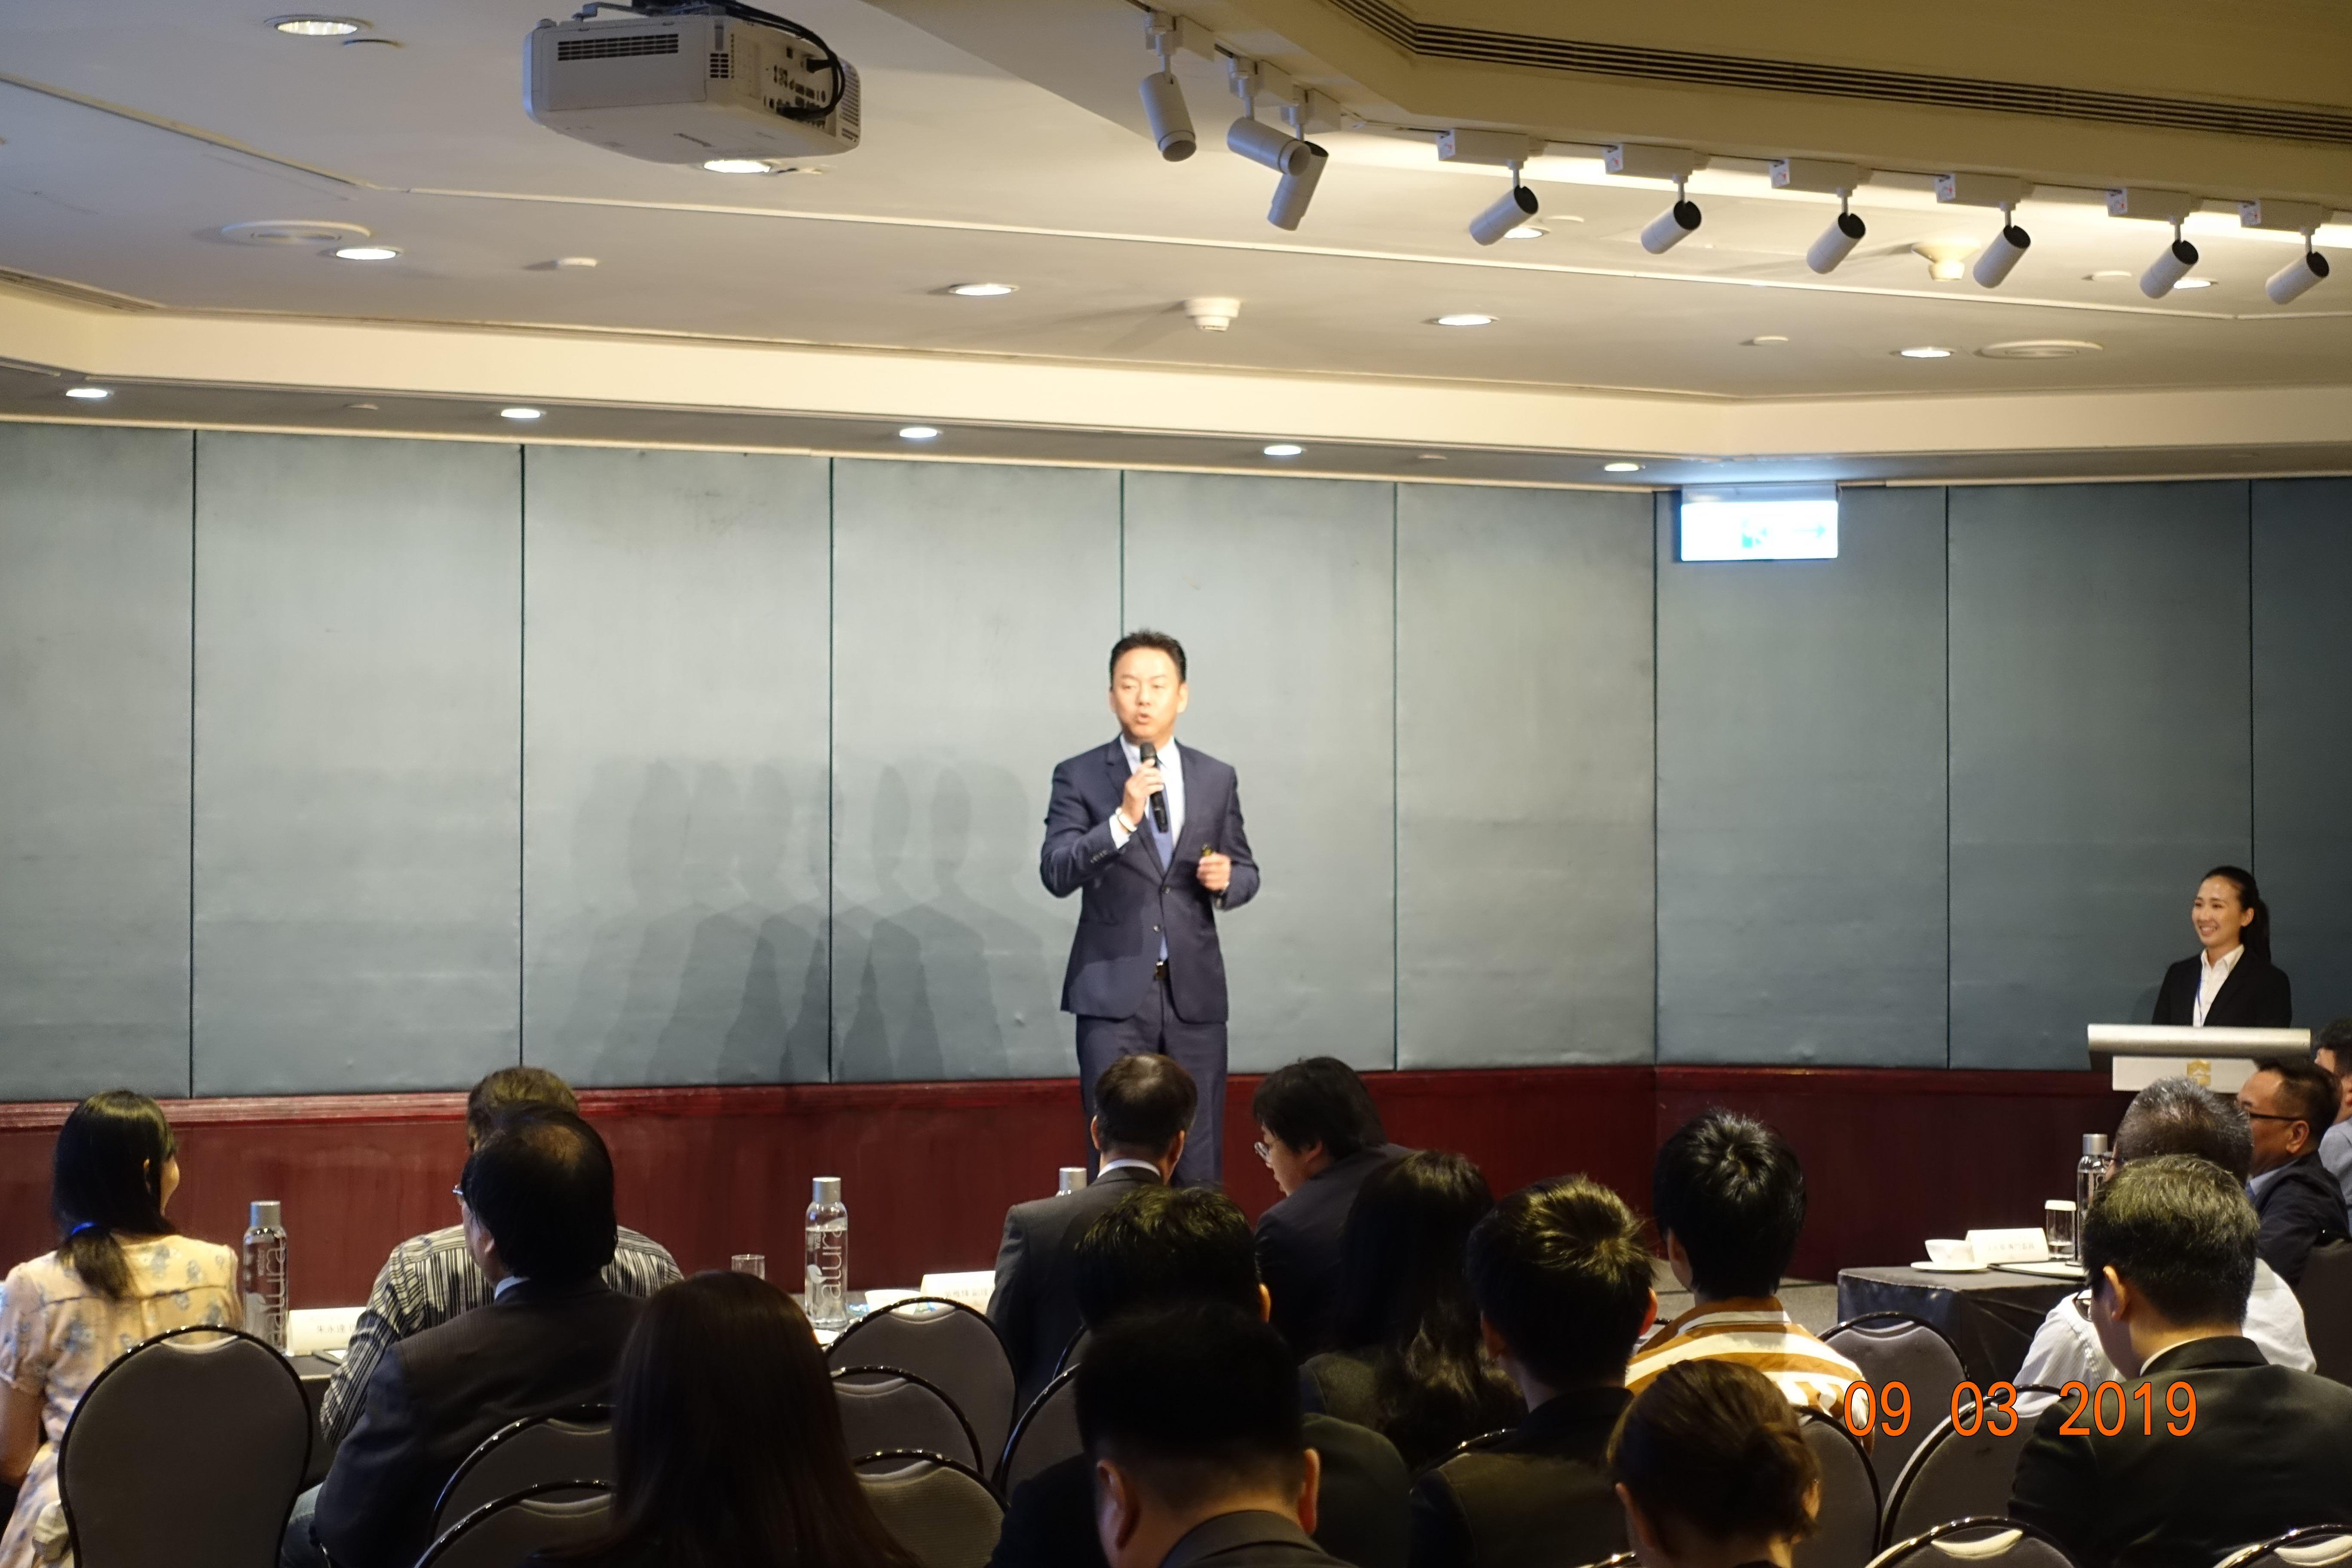 台灣入境旅遊協會理事長王全玉向200位旅館業者講述「如何突破行銷困境」